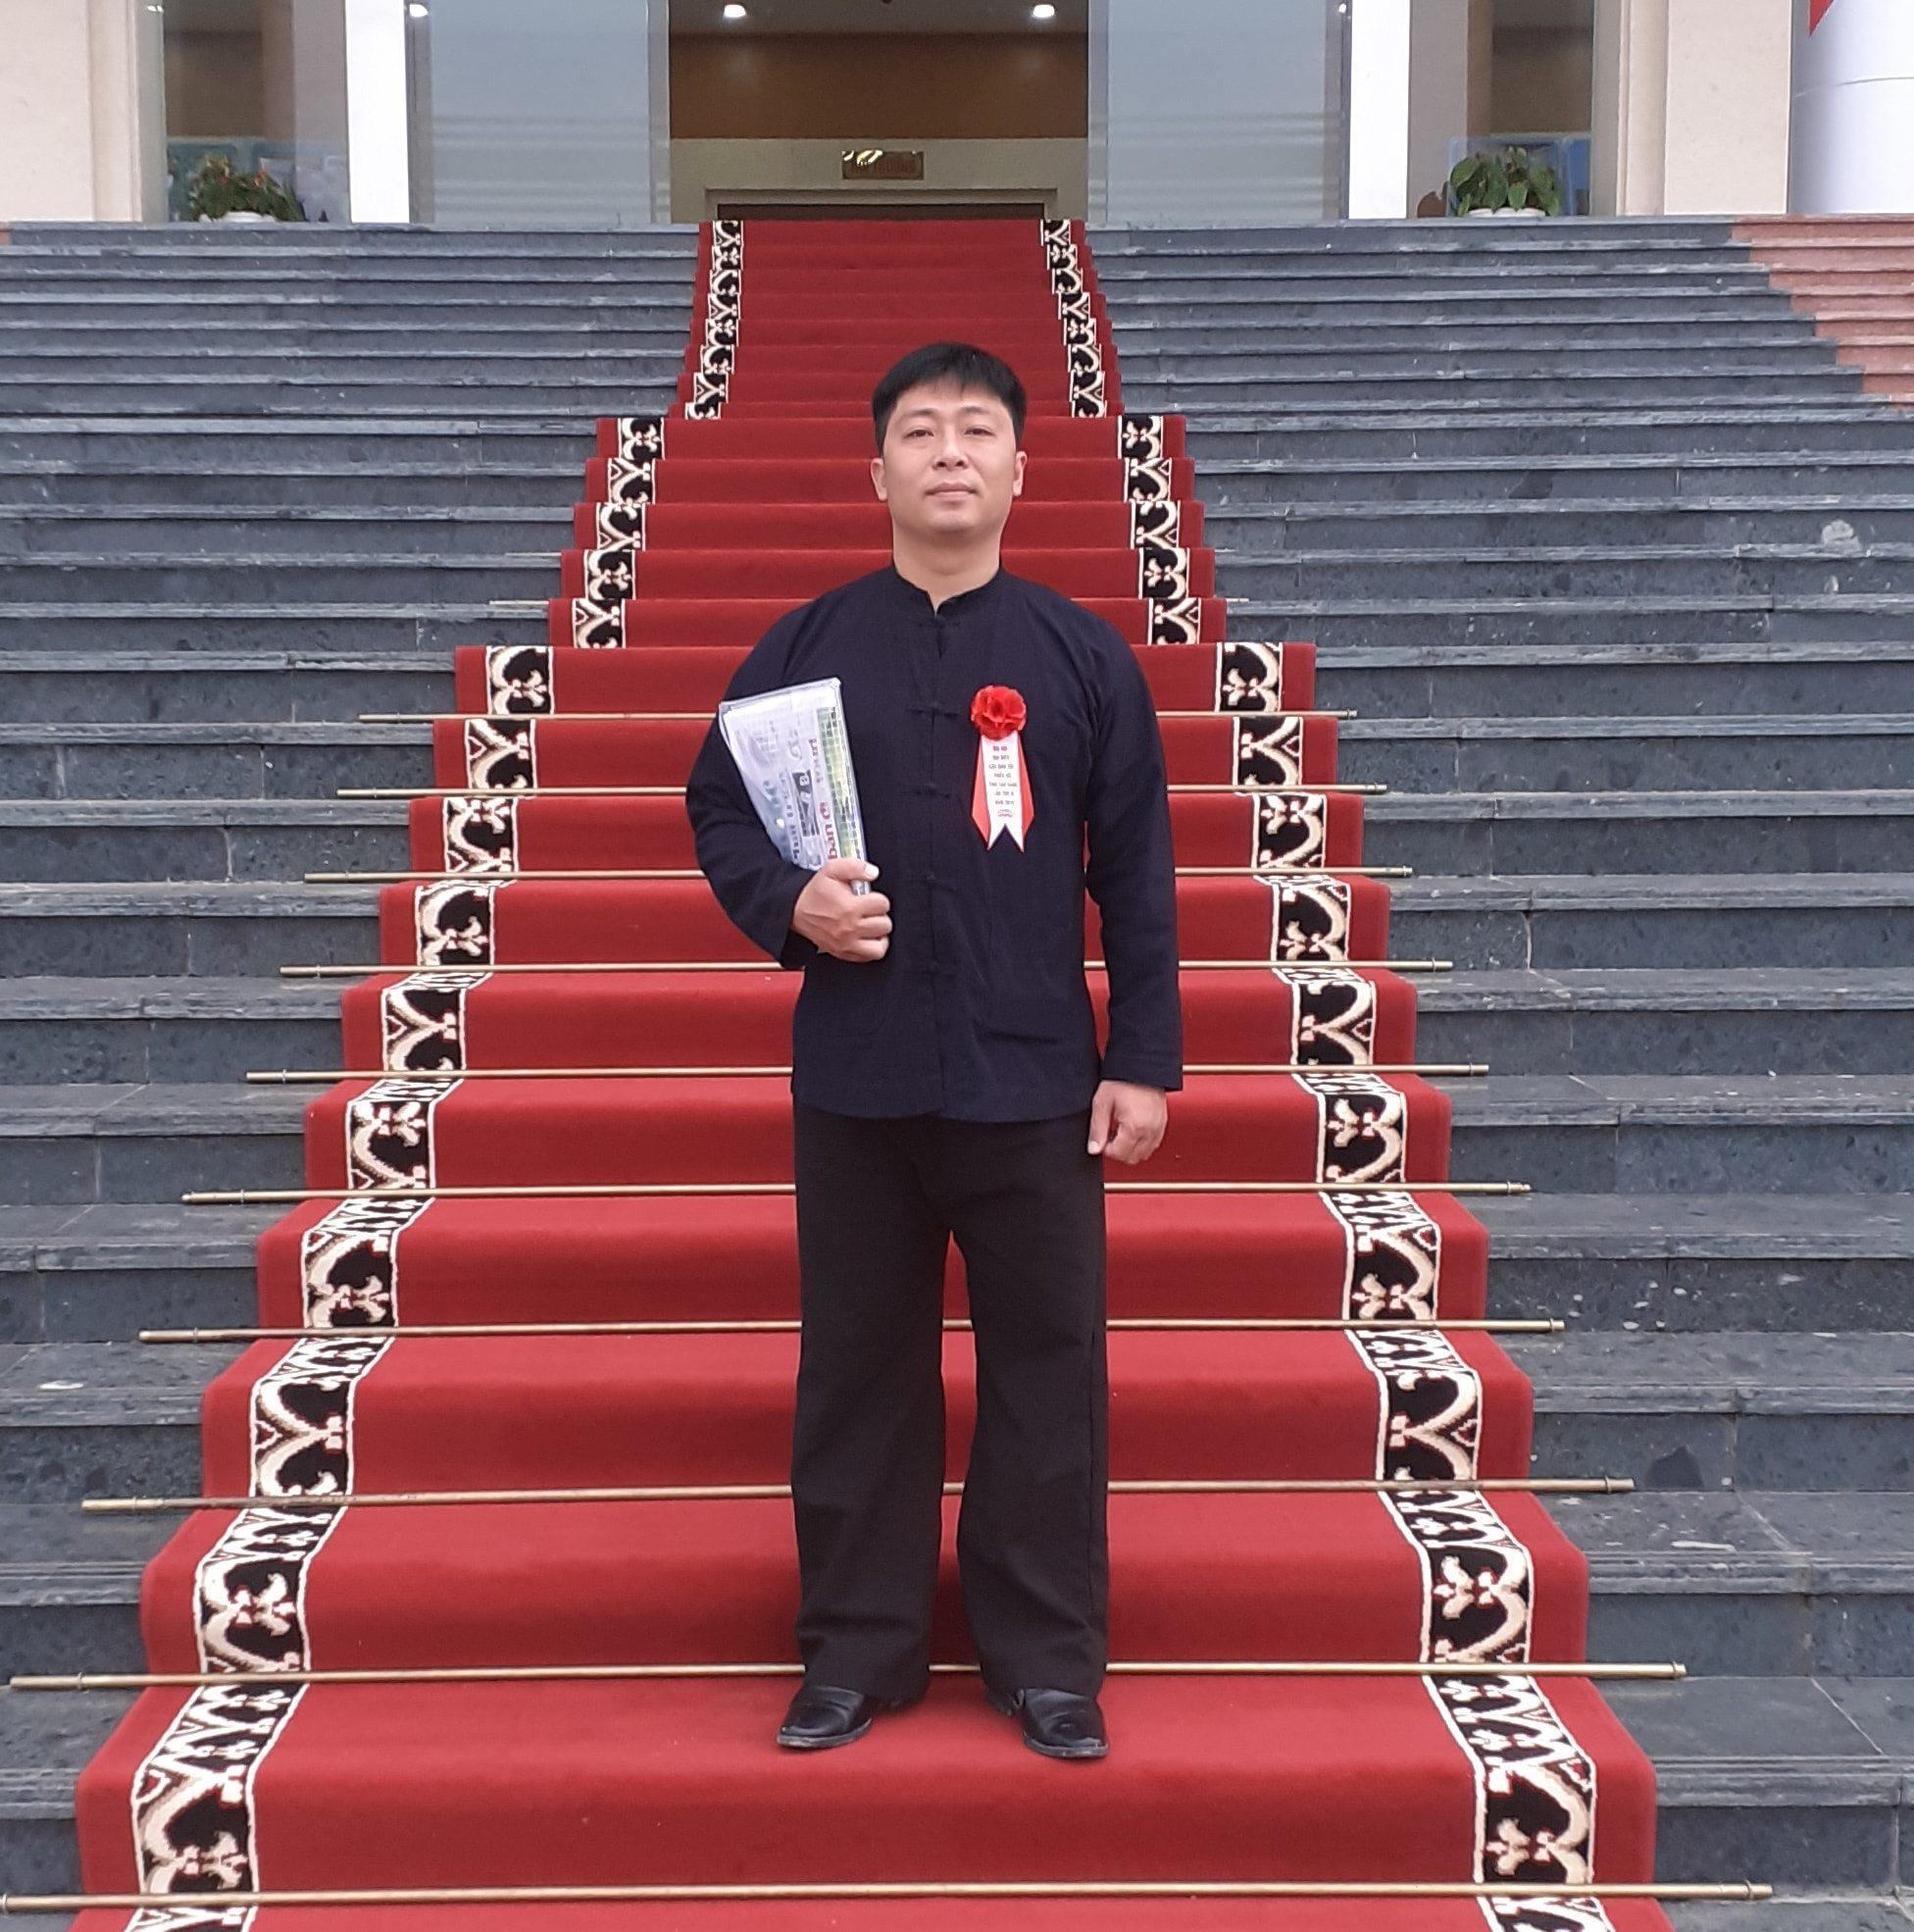 Mùa xuânkể chuyệnthanh xuân của thầy Huấn ở Cao Bằng